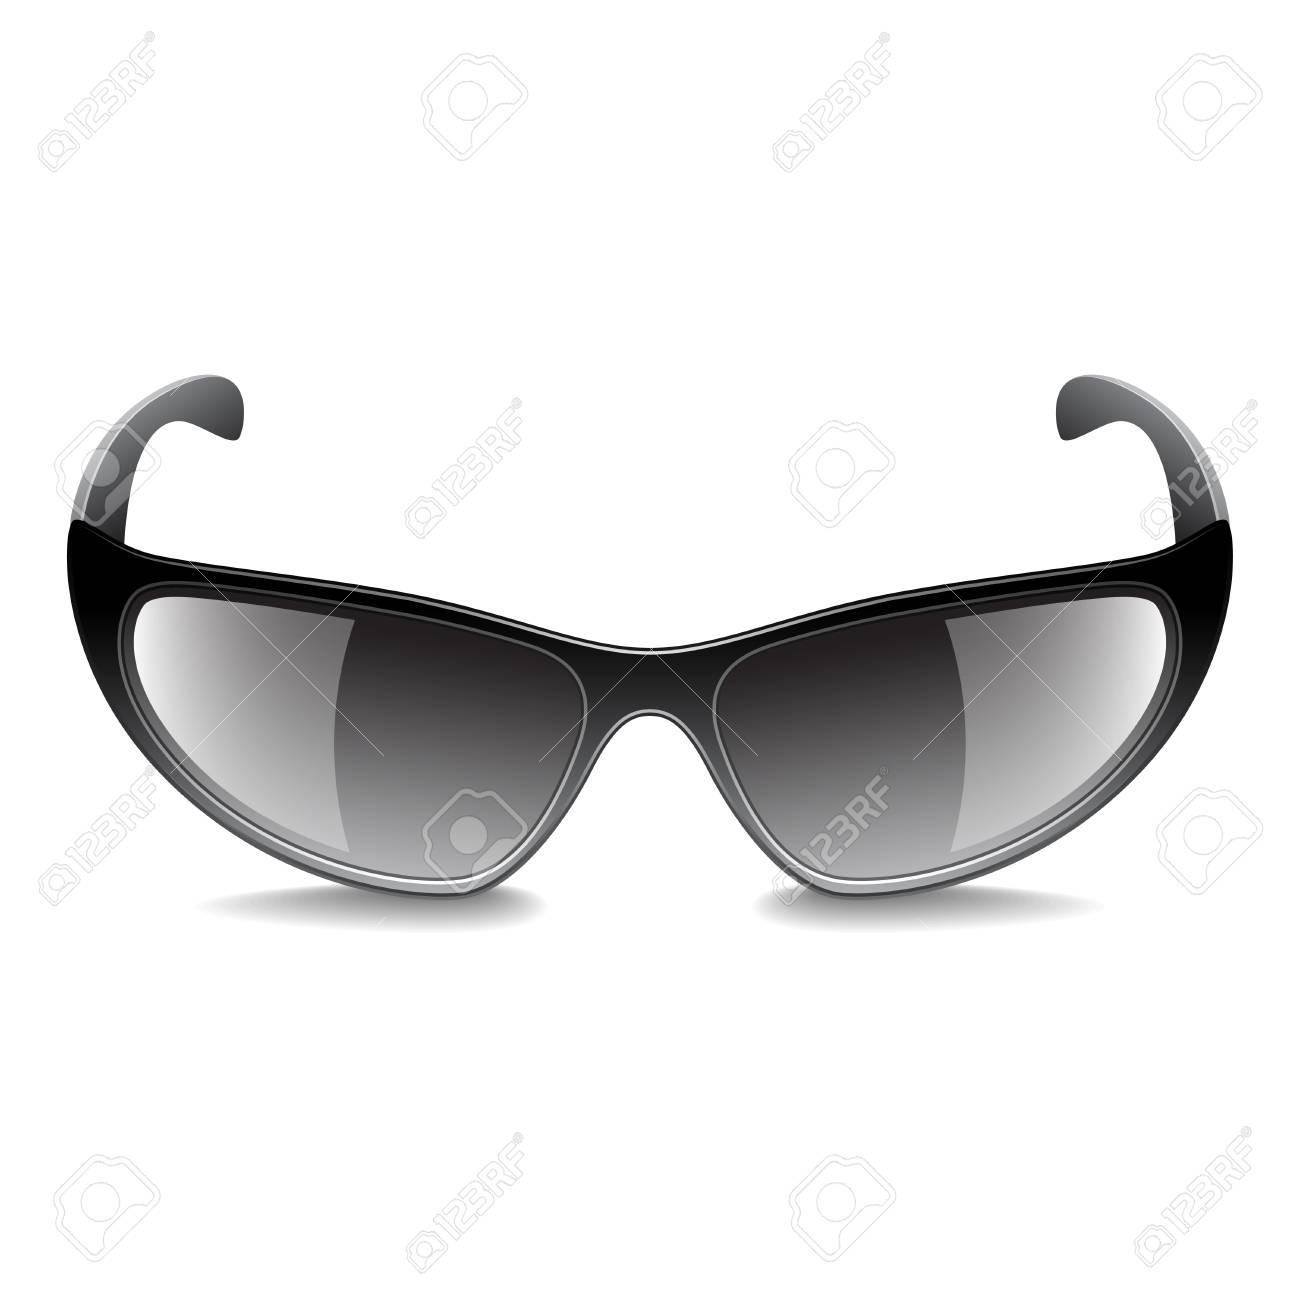 6f1150e15f93fc Sport zonnebril geïsoleerd op wit foto-realistische vector illustratie  Stockfoto - 73122814